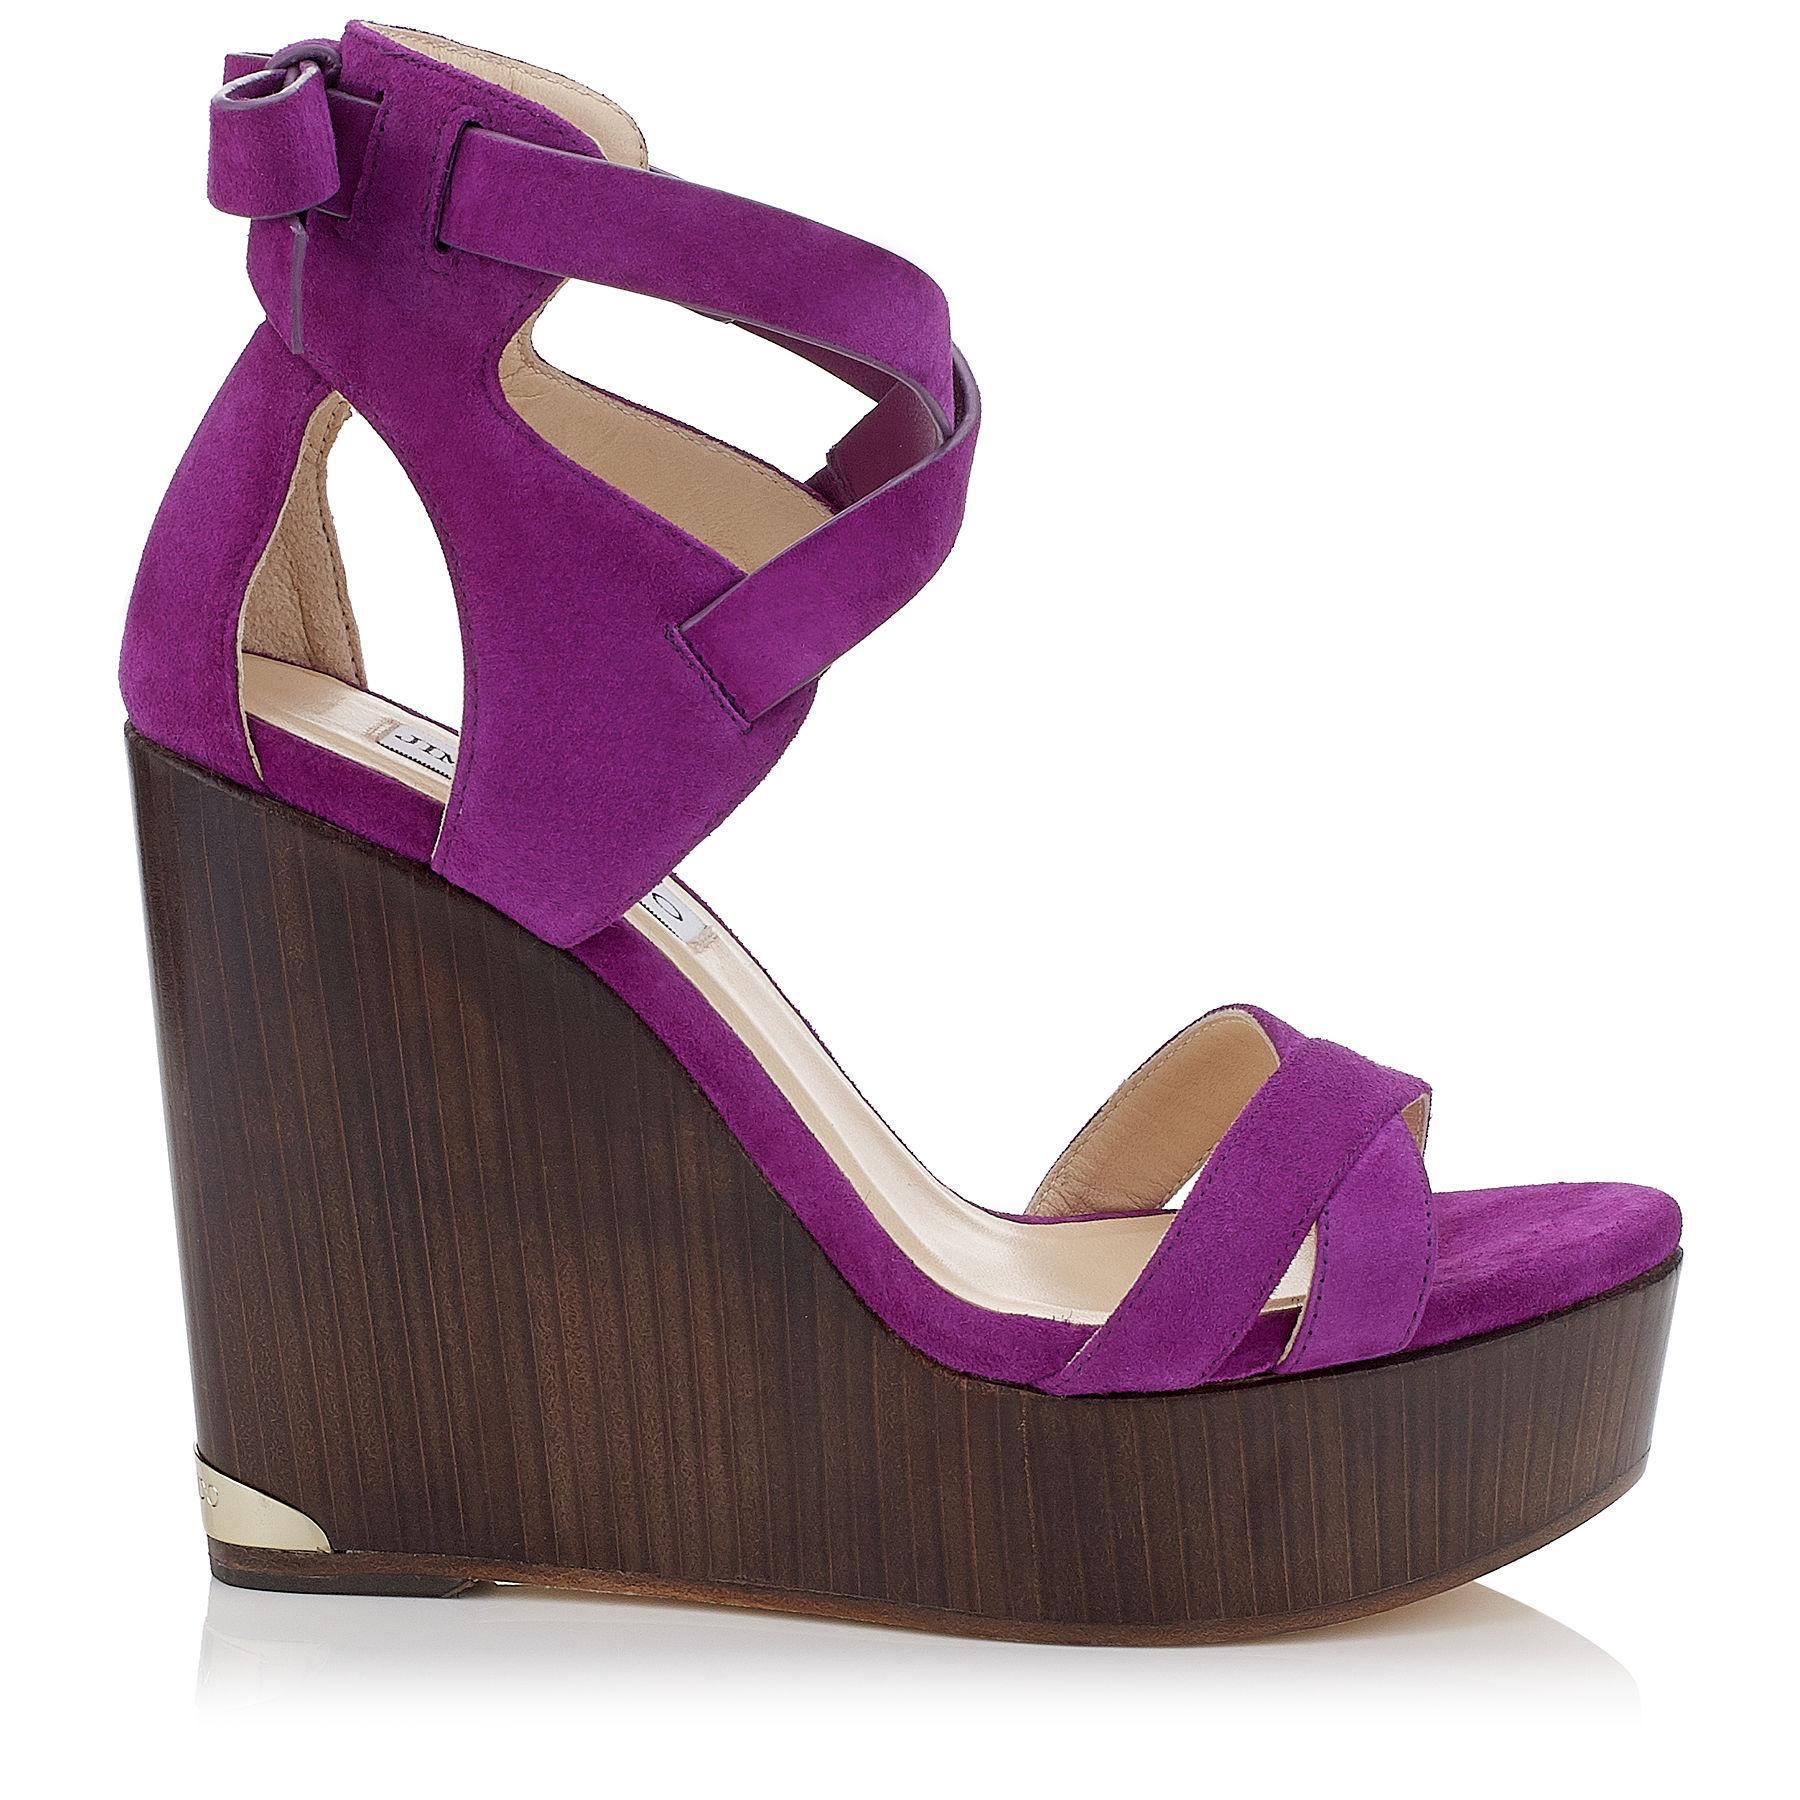 Radley Purple Suede Shoes